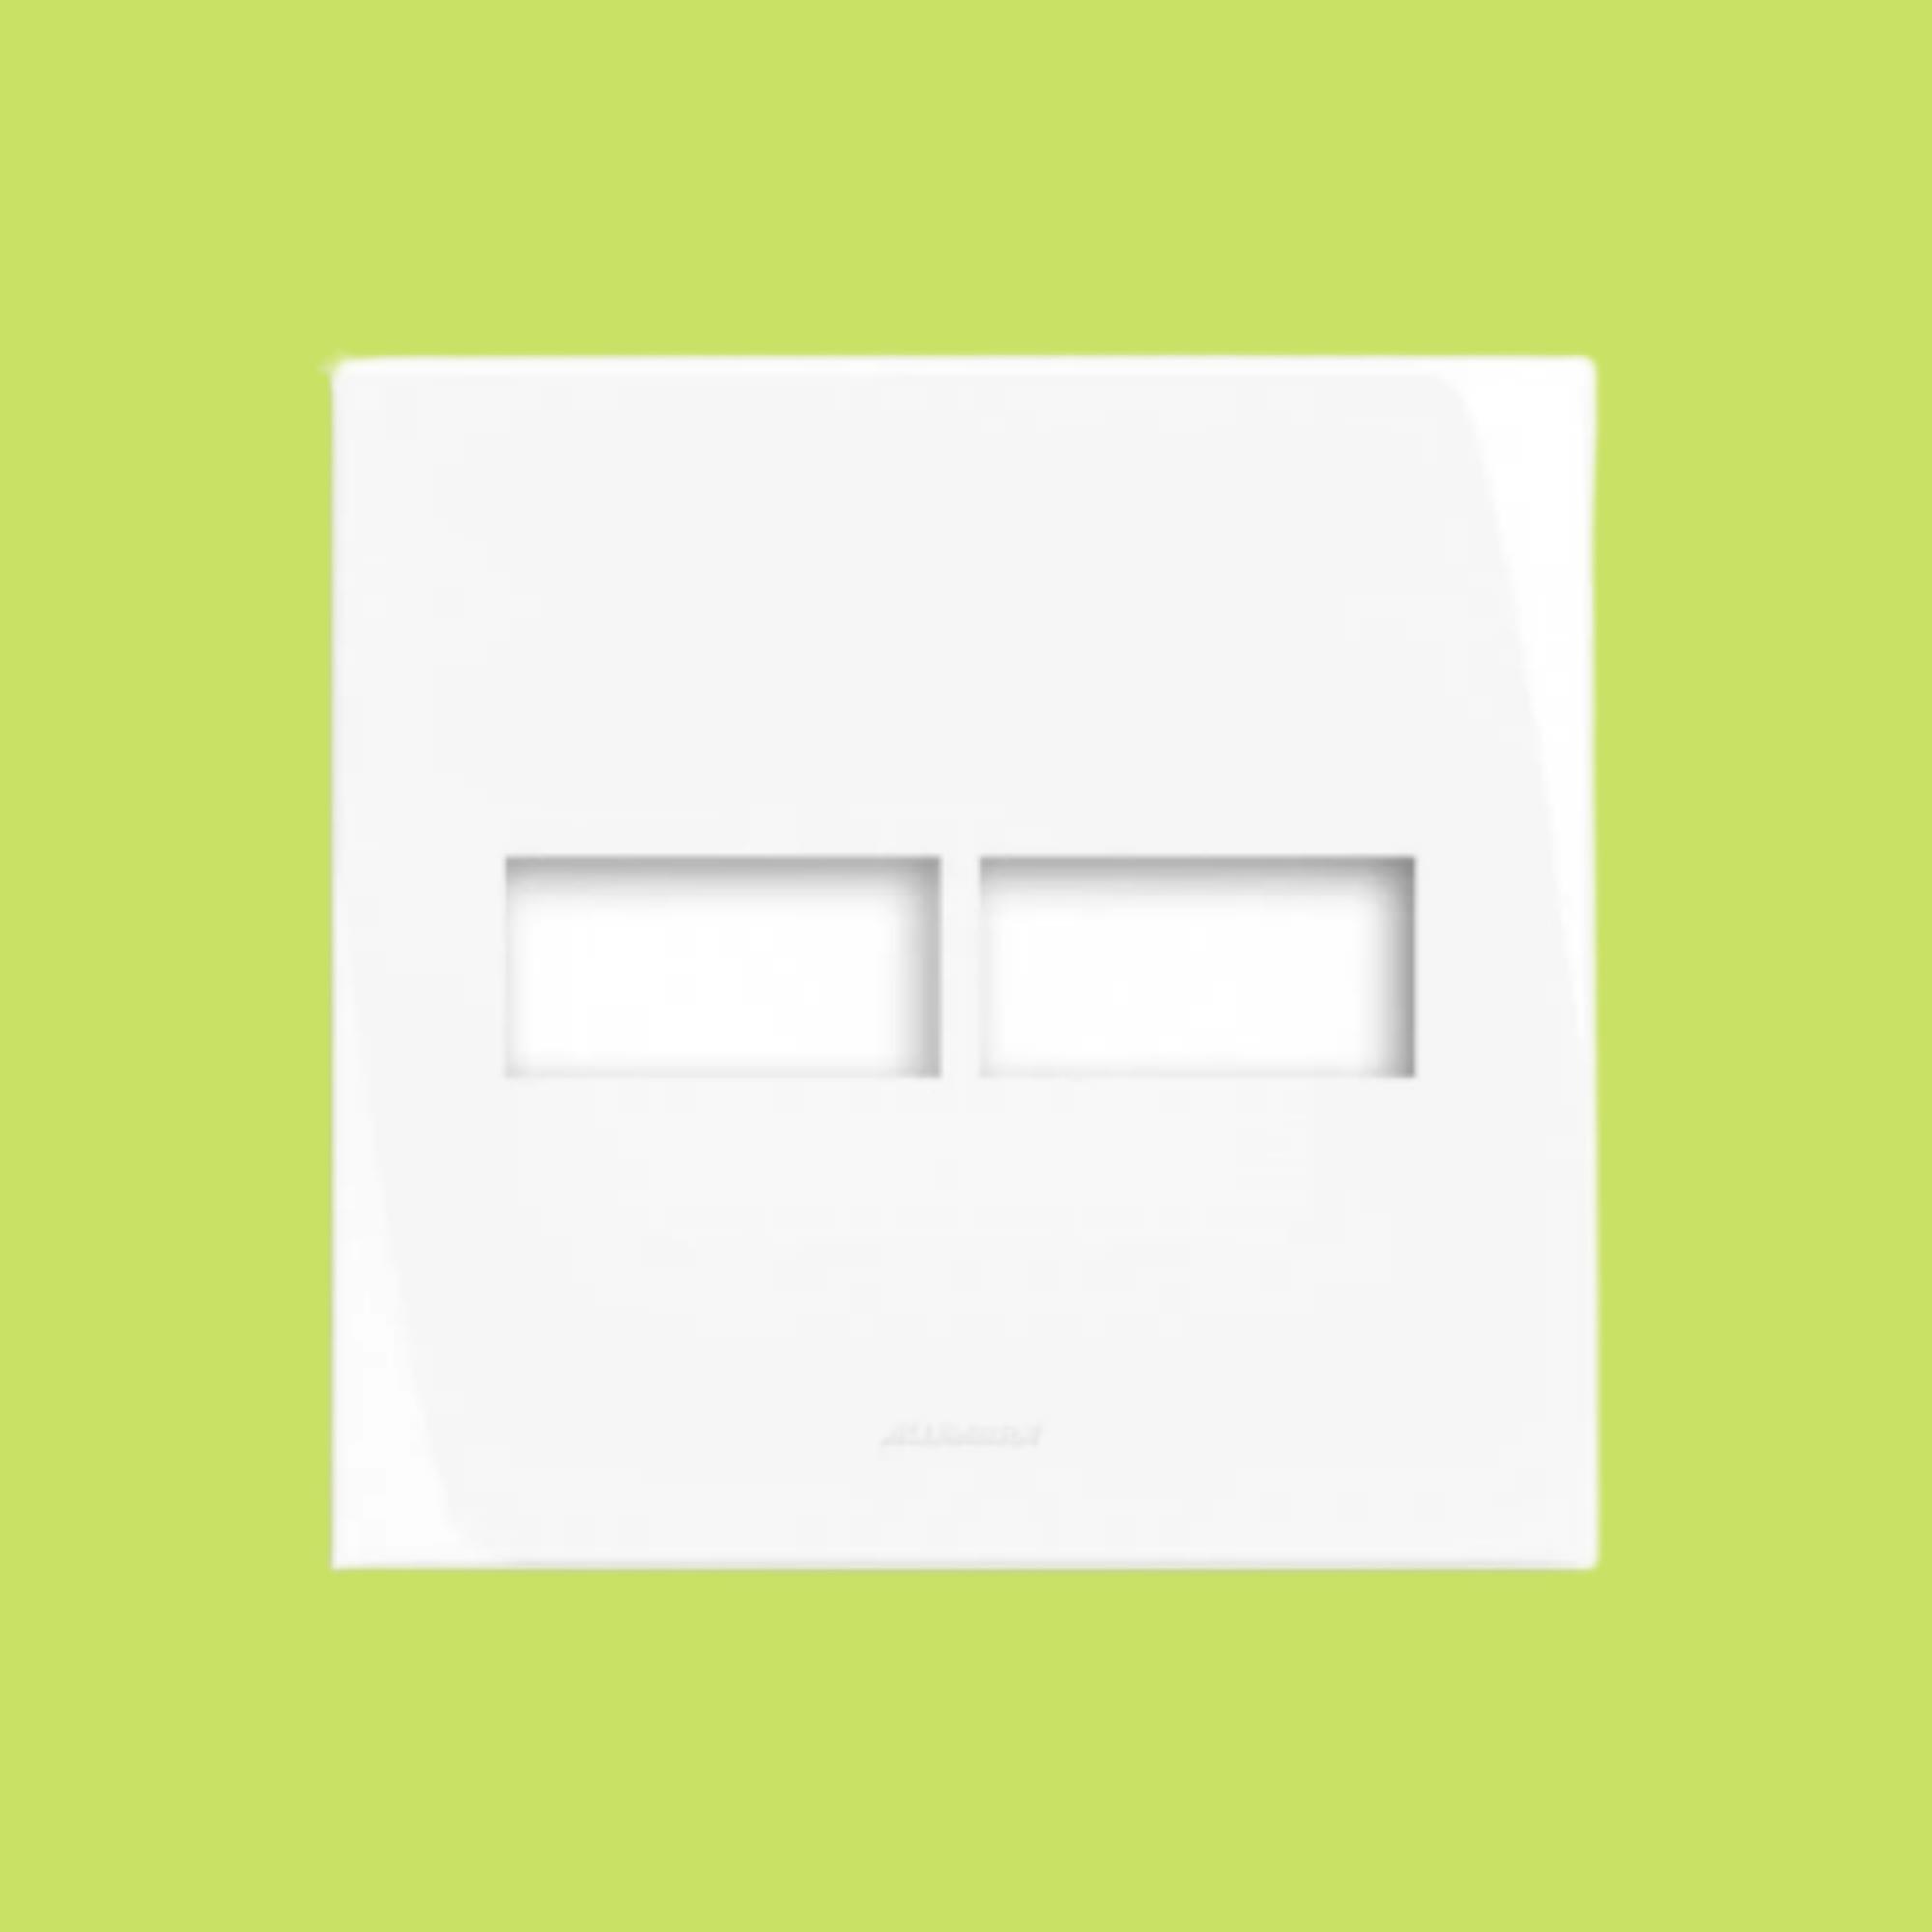 Inova Pró Placa 4x4 1 Seção + 1 Seção